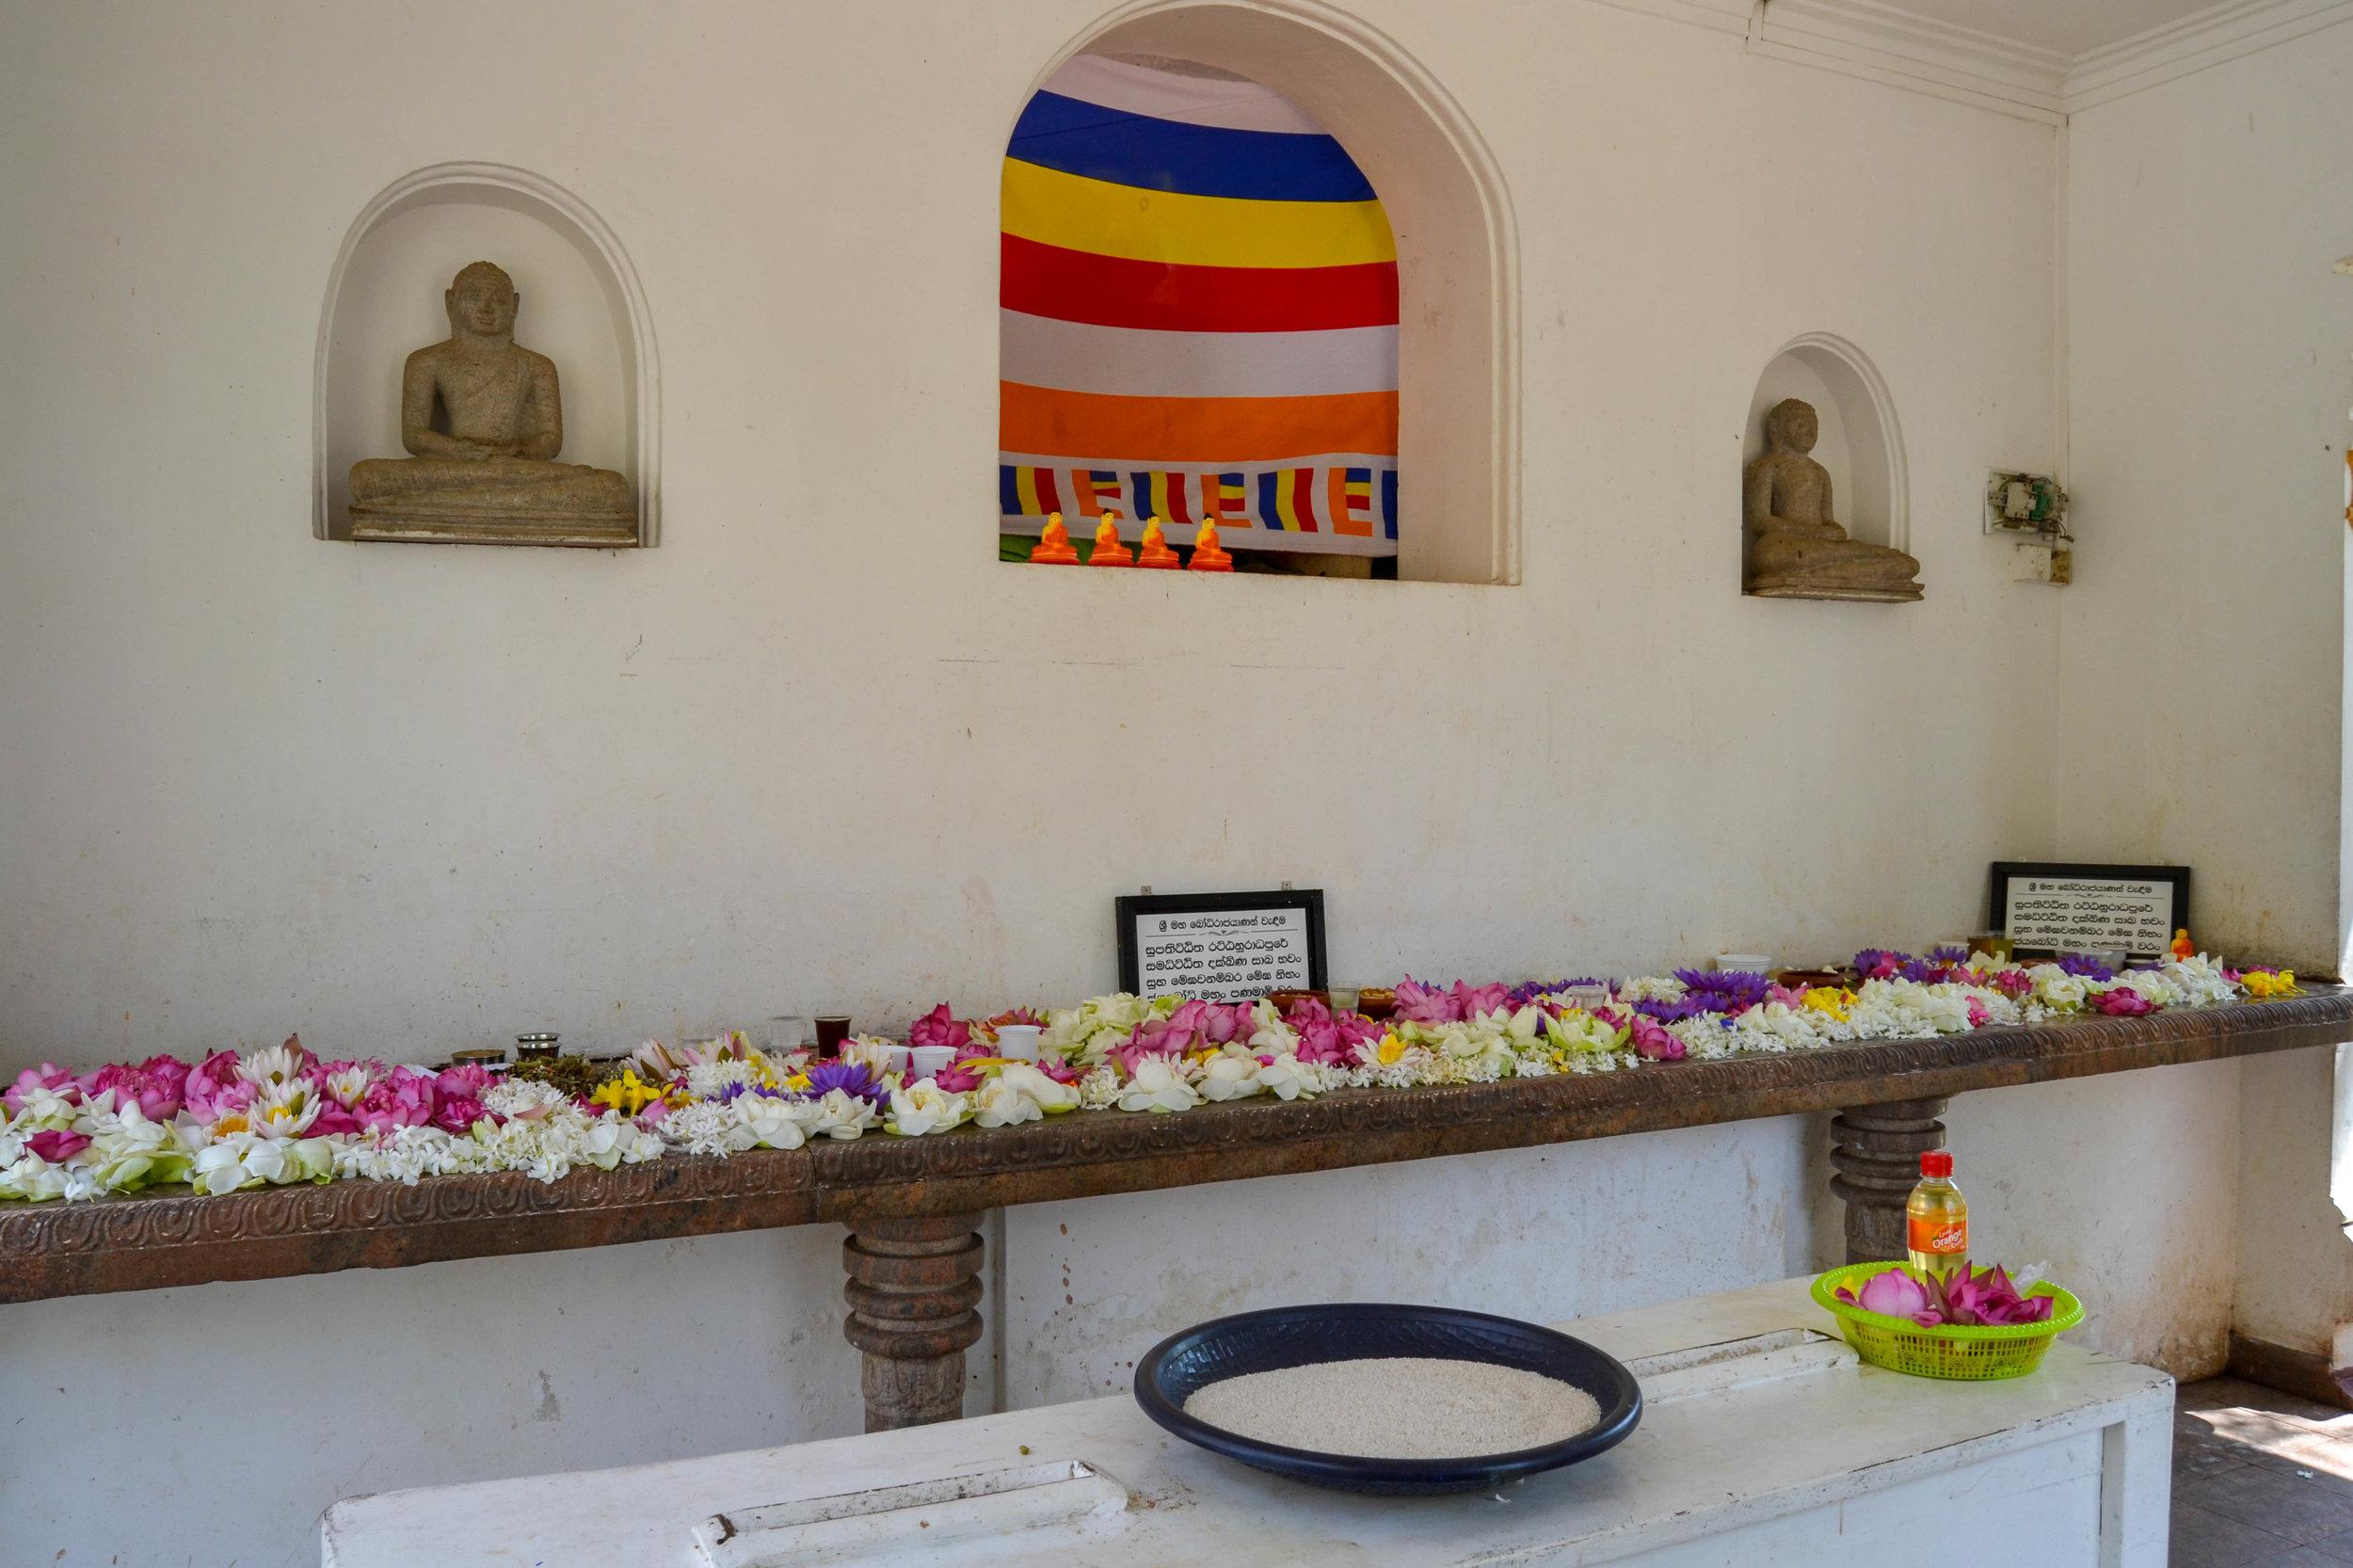 Offerings at Sri Maha Bodhi